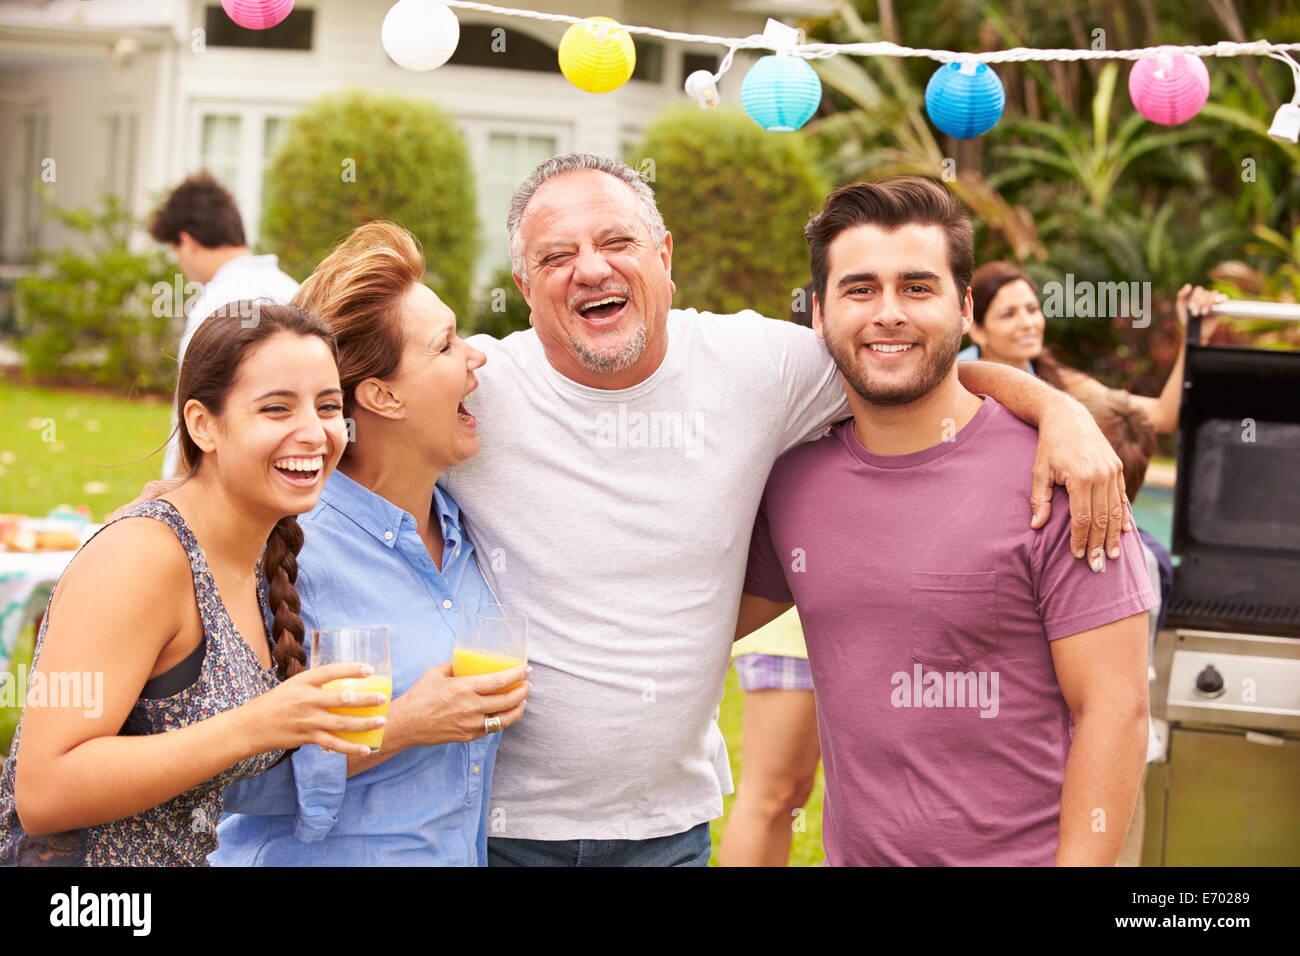 Eltern mit erwachsenen Kindern, die Party im Garten genießen Stockbild